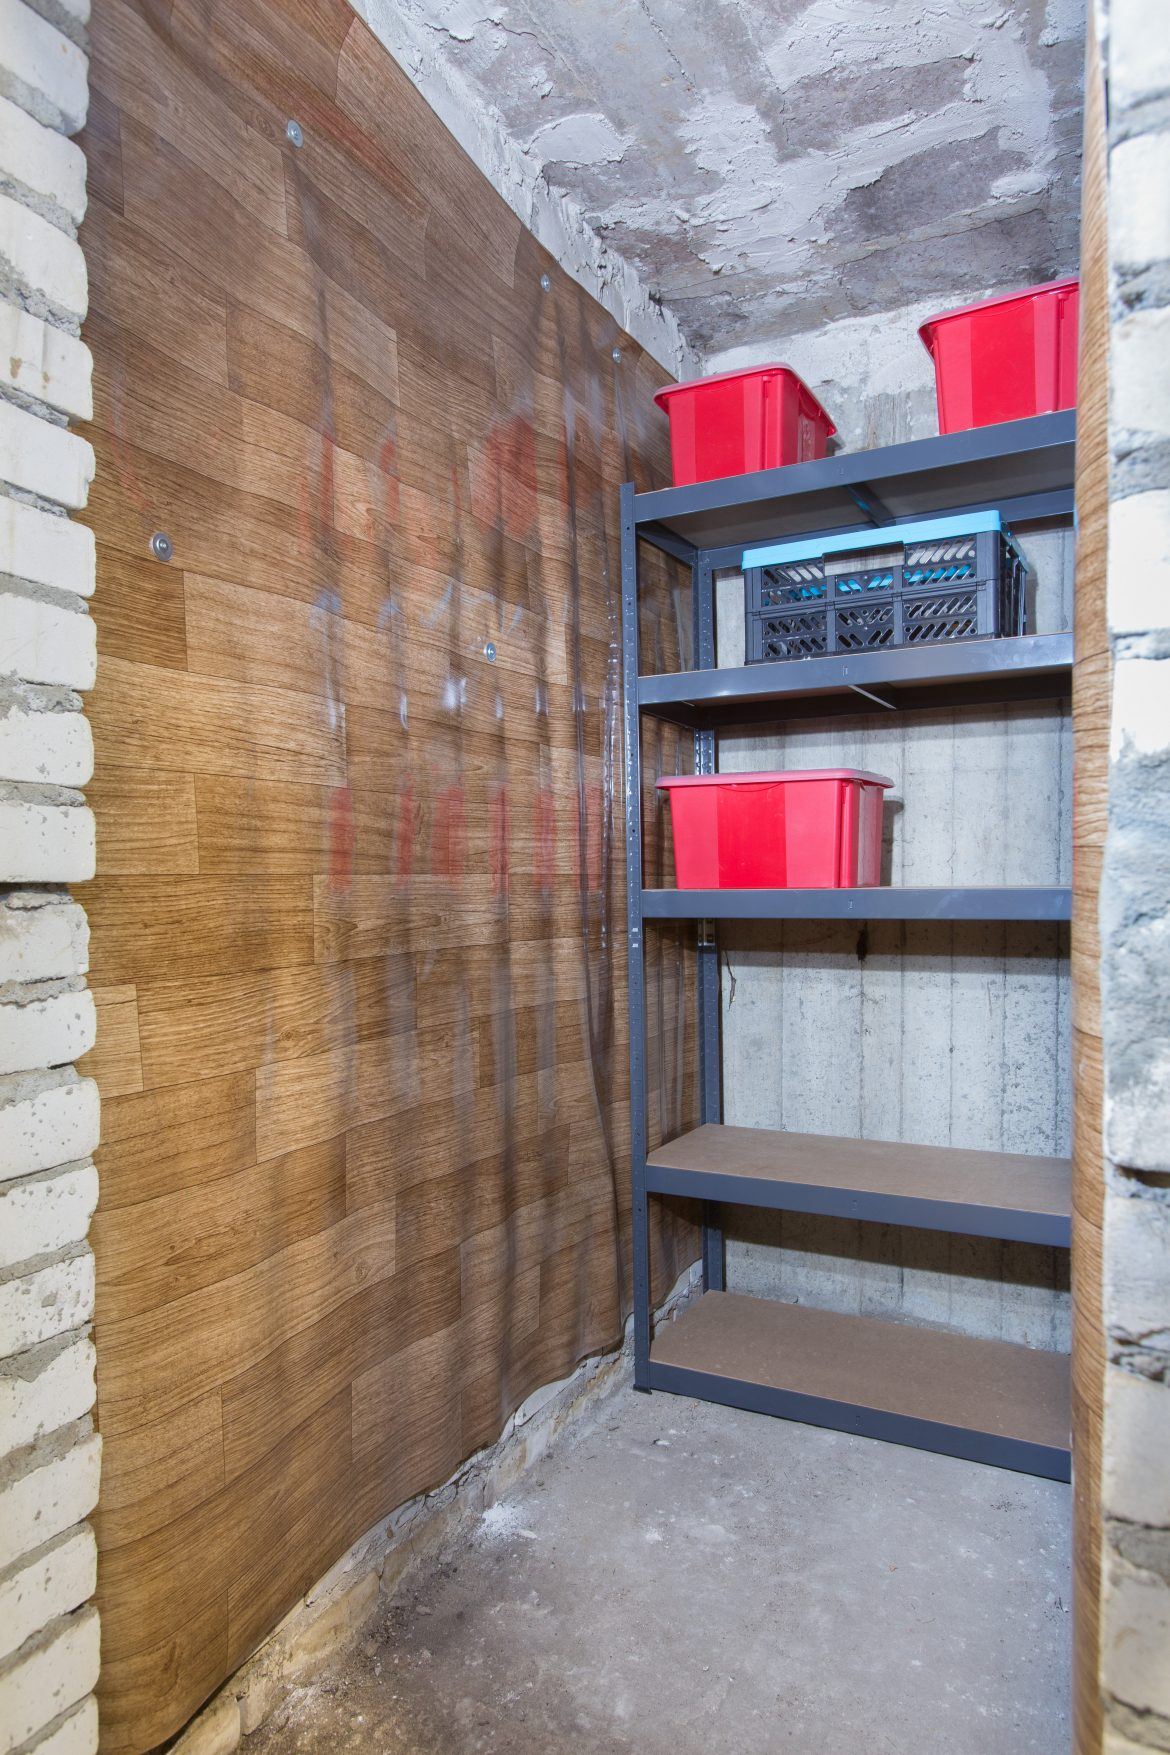 Piwnica w bloku po usłudze decluttering przygotowana do funkcjonalnego korzystania z przestrzeni i przechowywania przedmiotów w mieście Warszawa w dzielnicy Włochy. Porządki wykonane przez Domowe Metamorfozy Maria Ernst-Zduniak